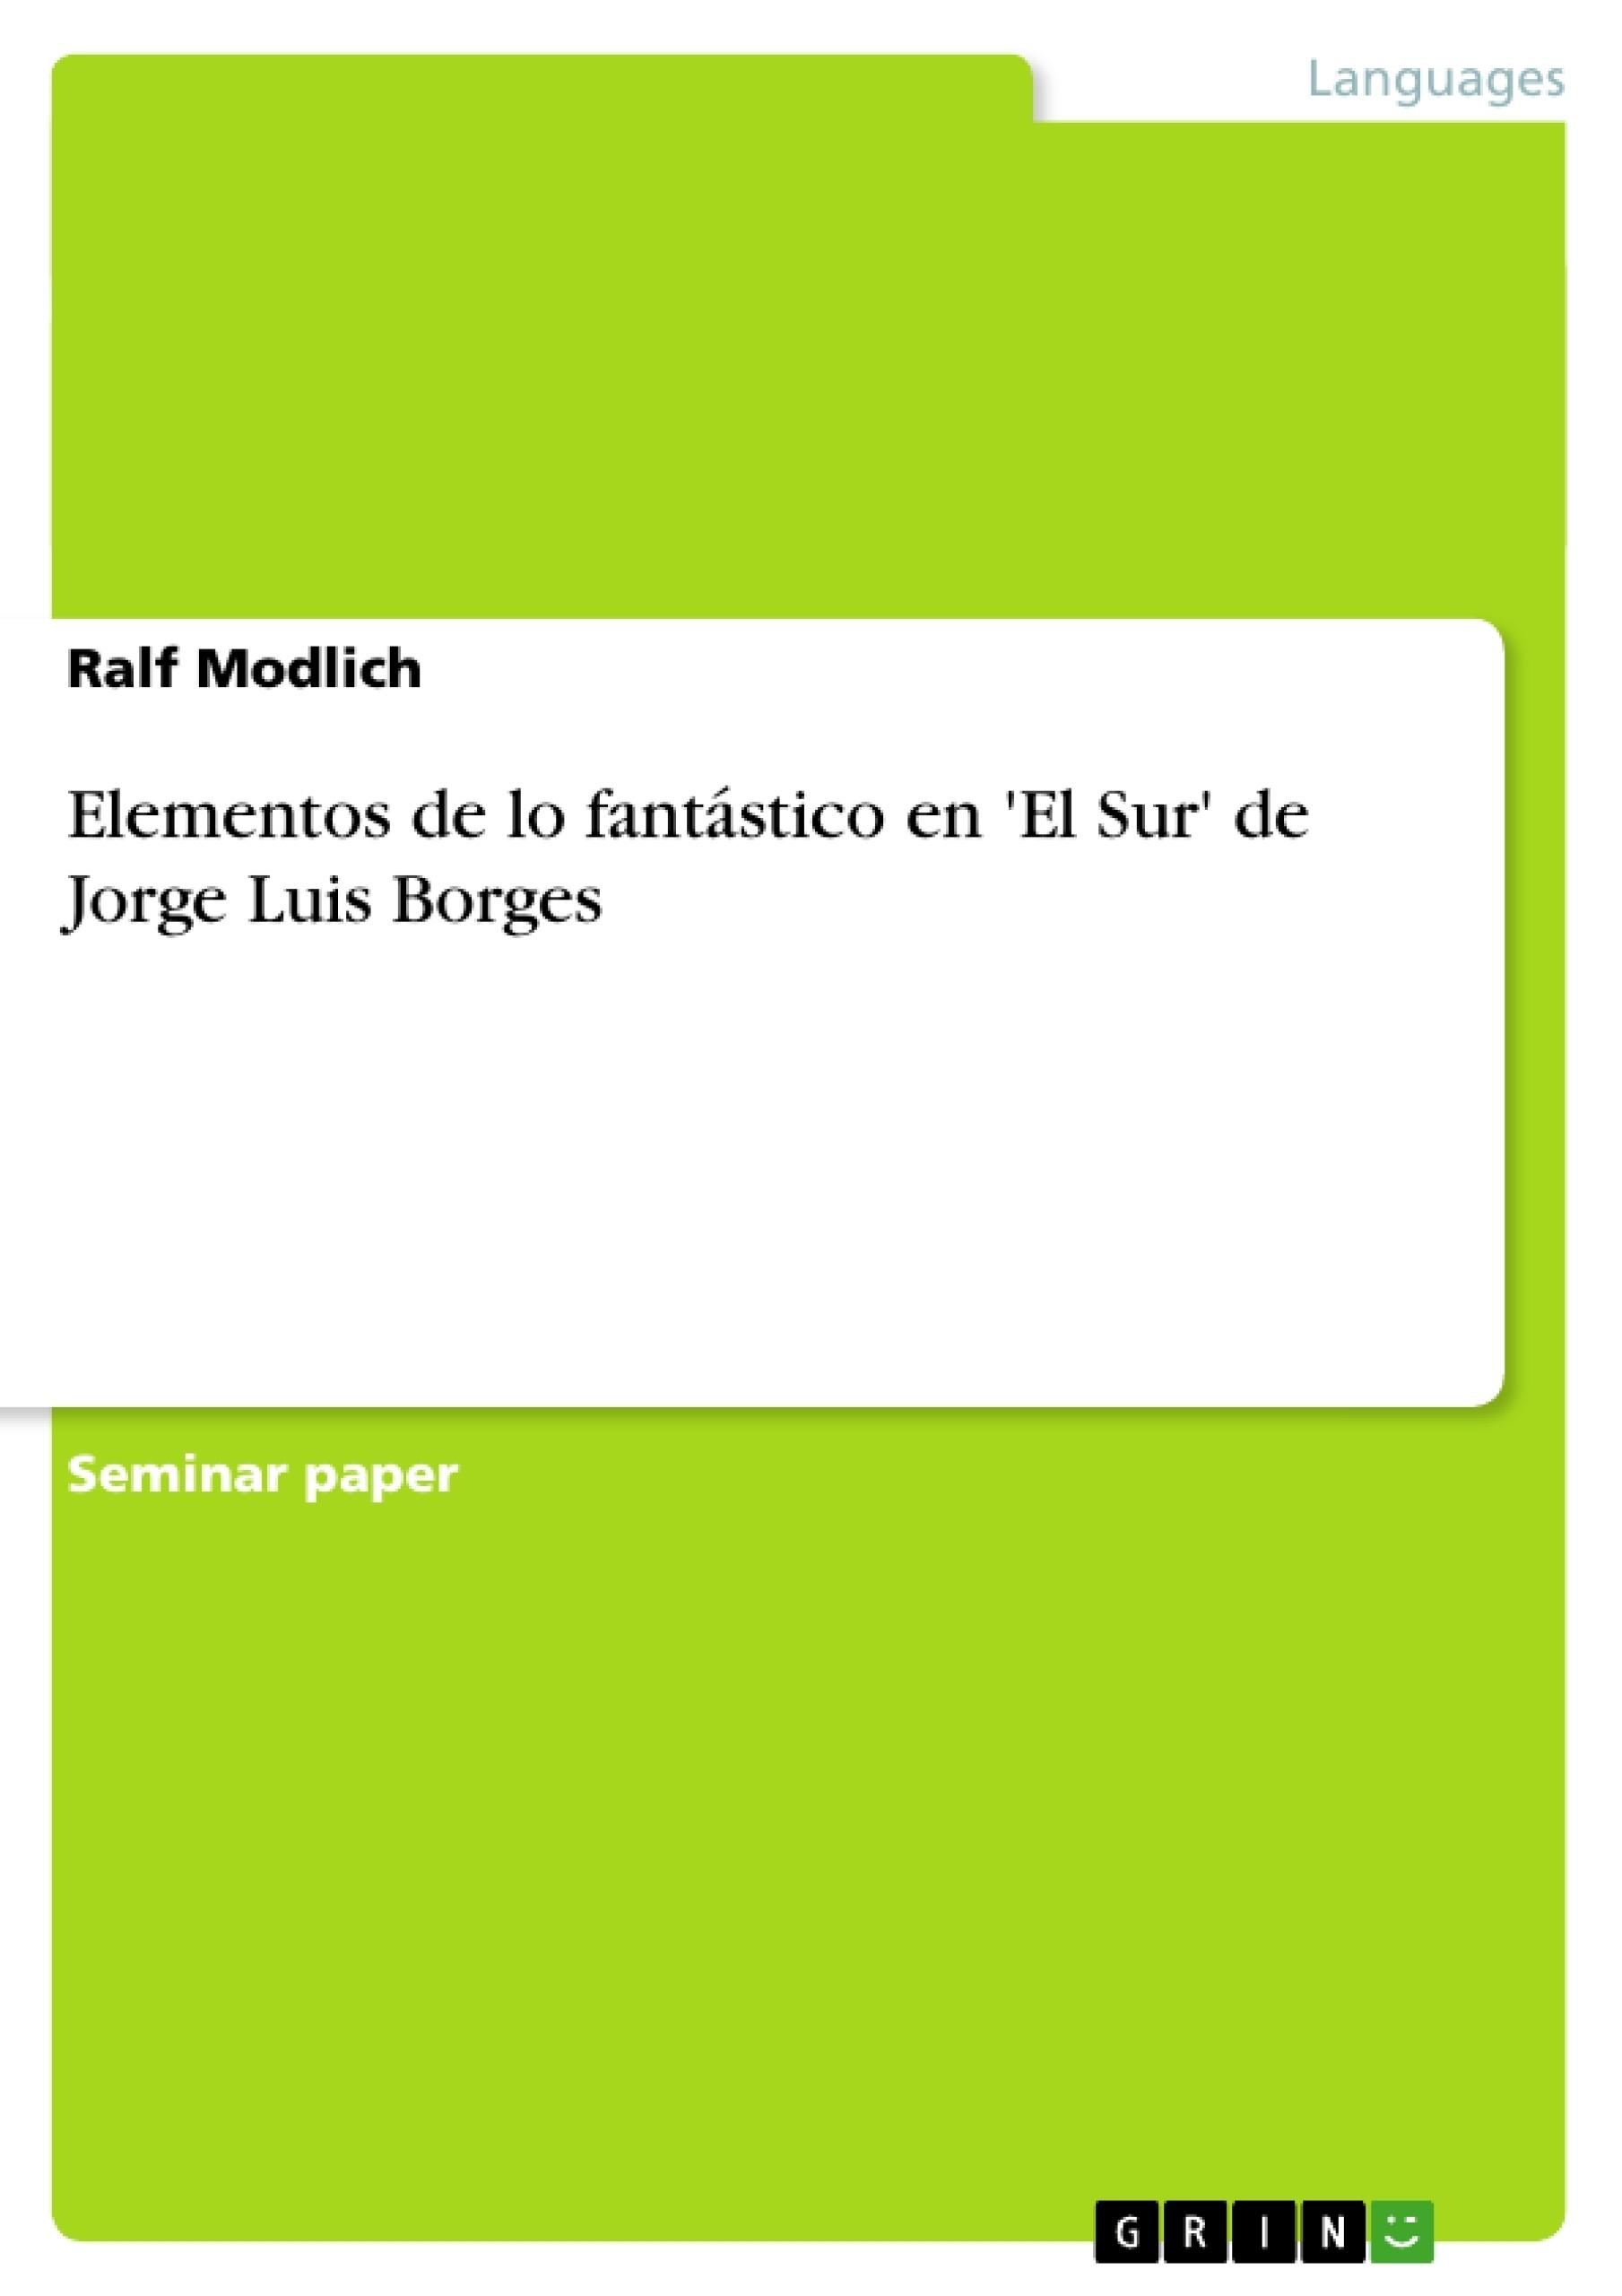 Título: Elementos de lo fantástico en 'El Sur' de Jorge Luis Borges